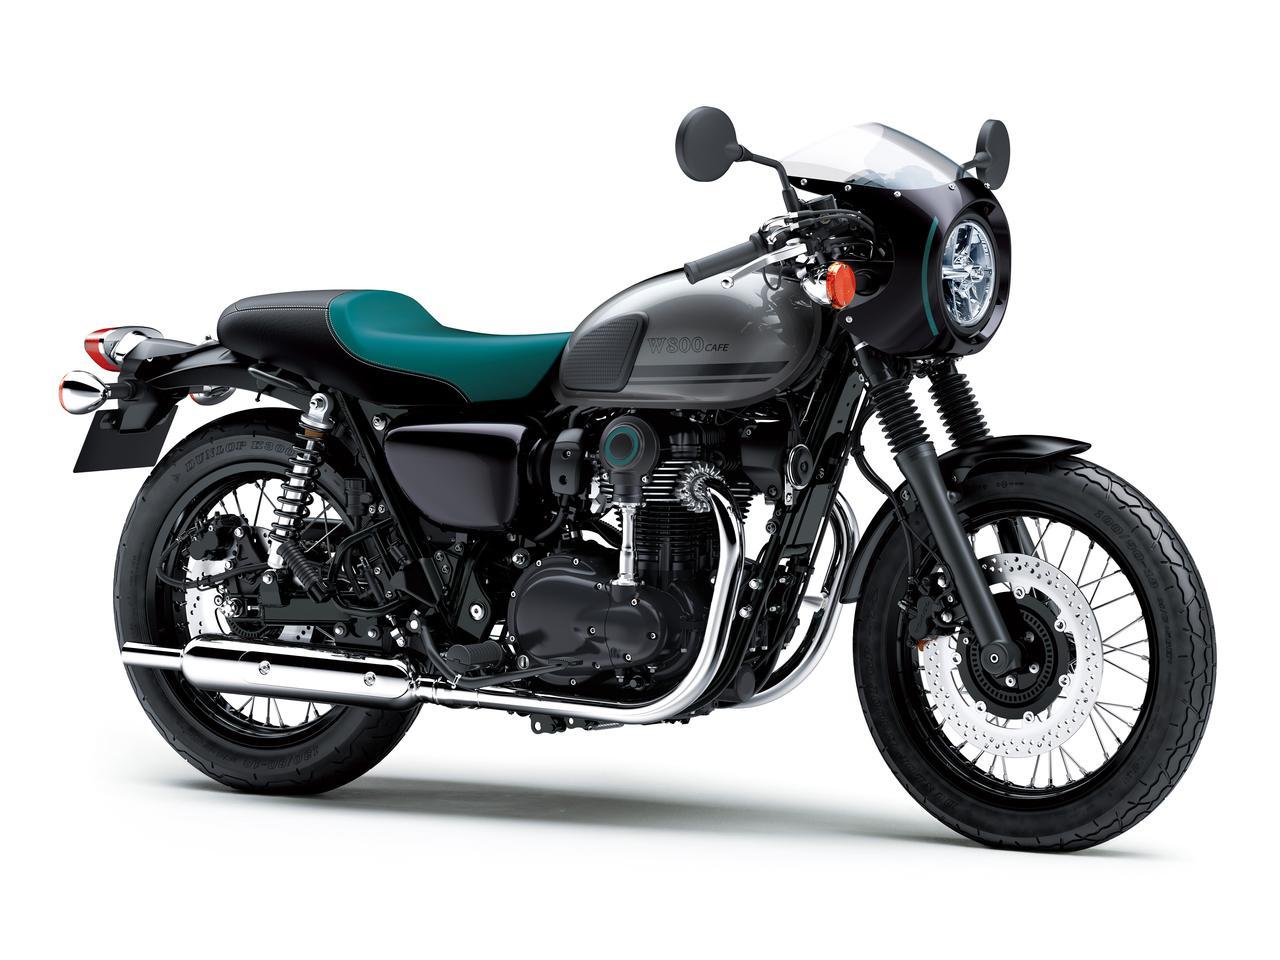 画像23: カワサキが「W800」シリーズの2021年モデルを発売! W800/W800ストリート/W800カフェの新色をチェック!